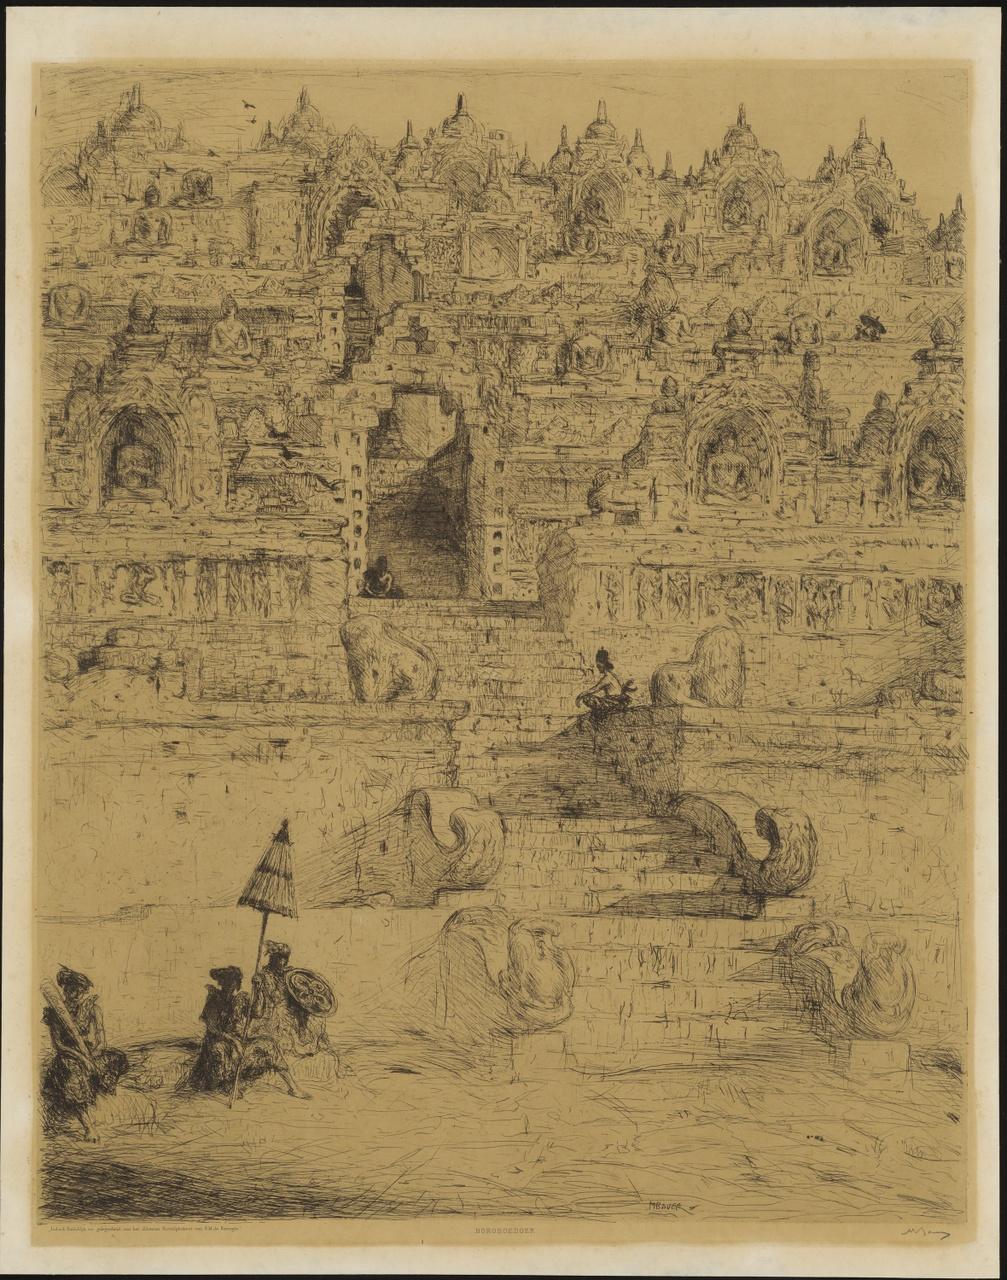 Boroboedoer, Indische huldeblijk ter gelegenheid van het zilveren Huwelijksfeest van H.M. de Koningin, Marius Bauer